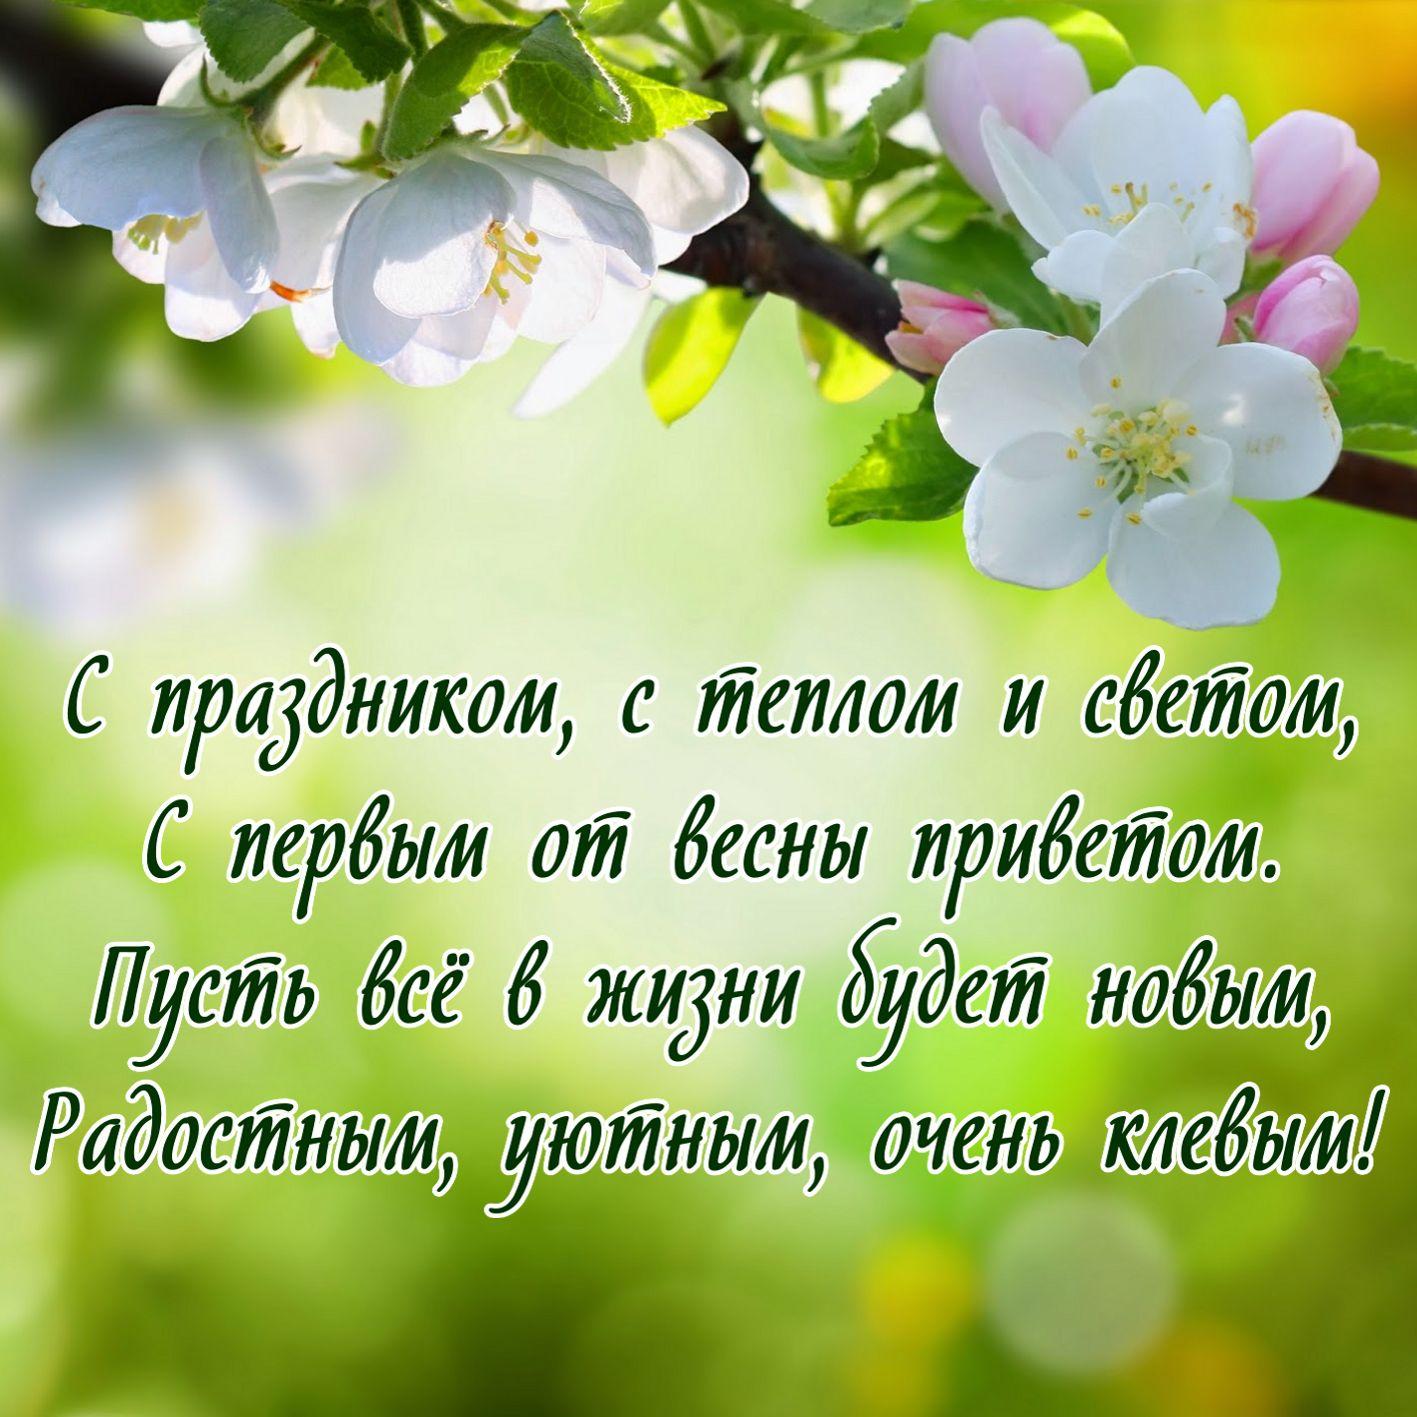 весеннее пожелание друзьям важно, поскольку даже